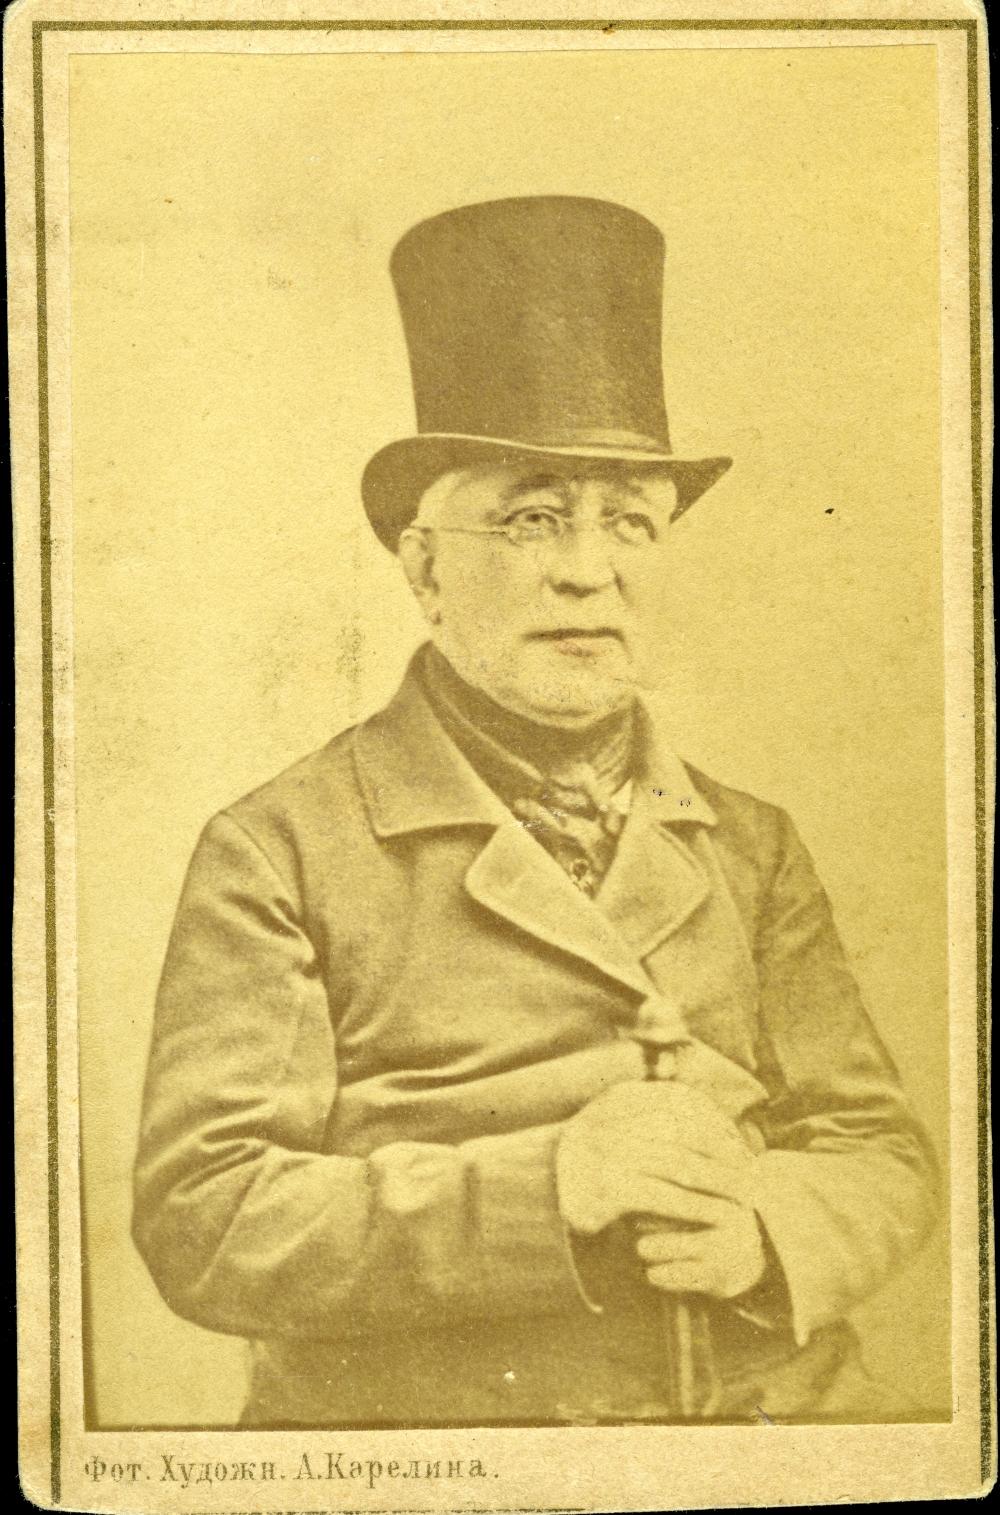 Фридрих Винсон – учитель английского и гувернёр Михаила Лермонтова.